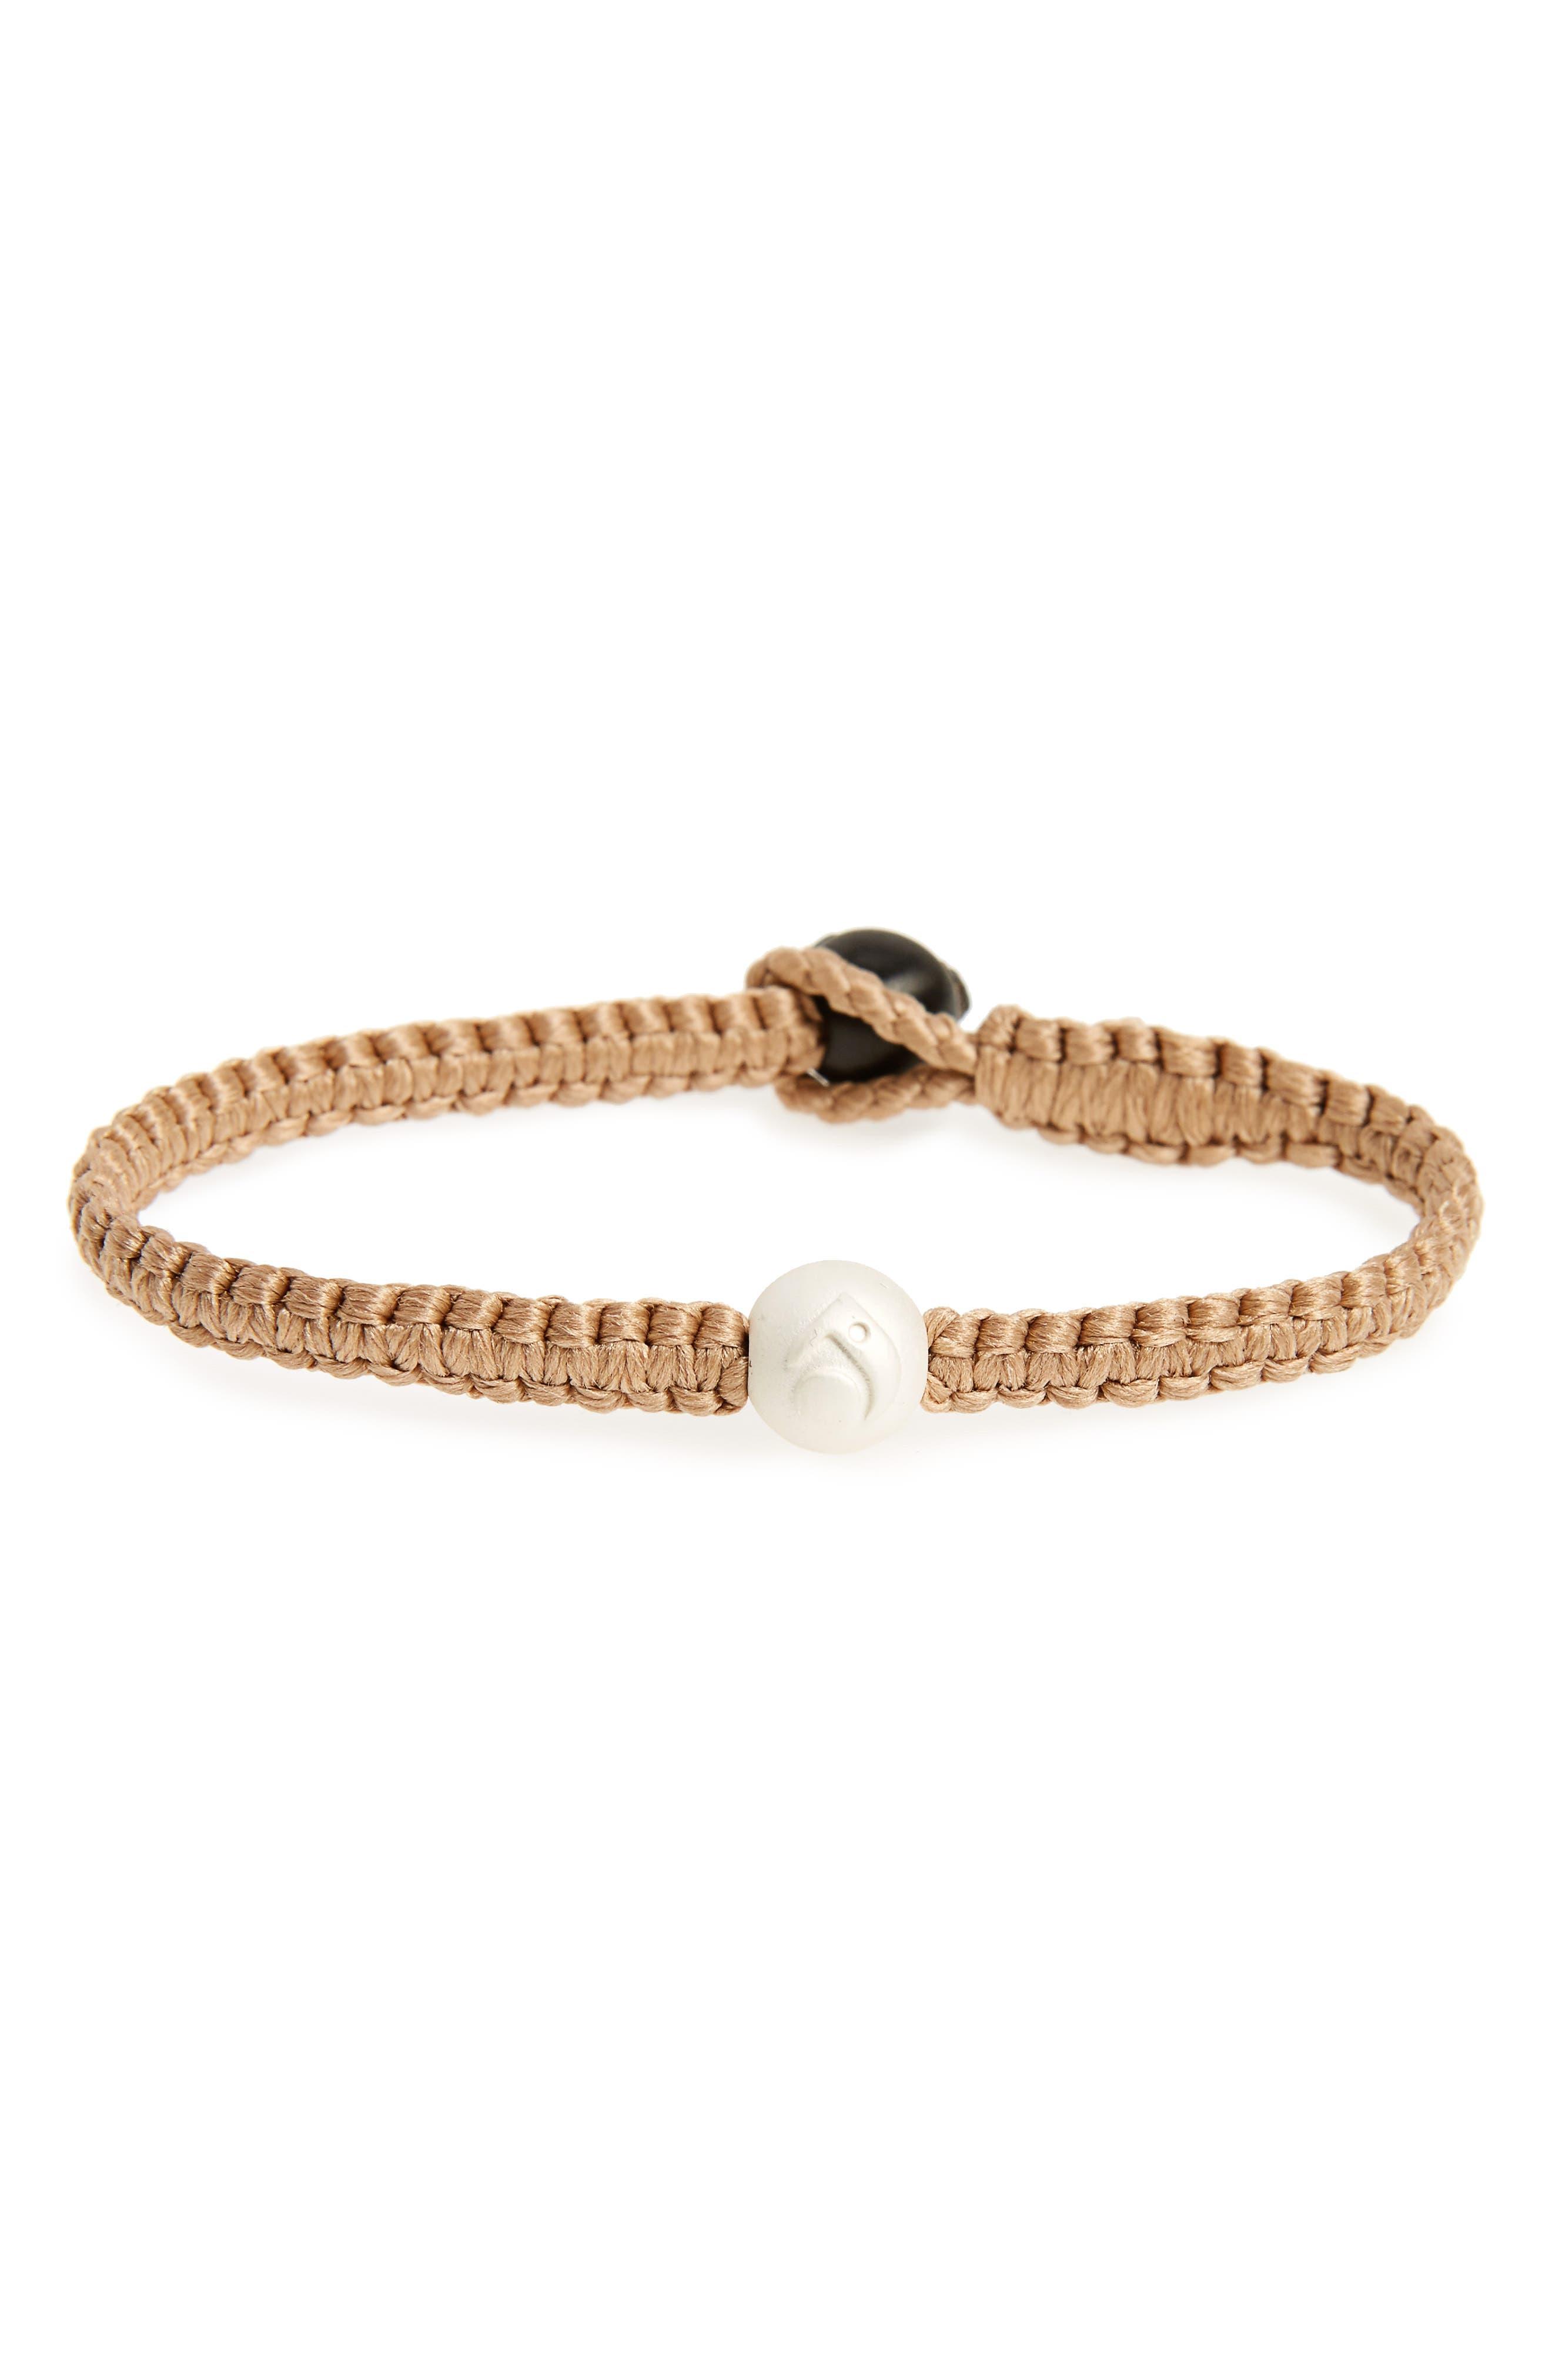 Single Wrap Bracelet,                             Main thumbnail 1, color,                             Sand